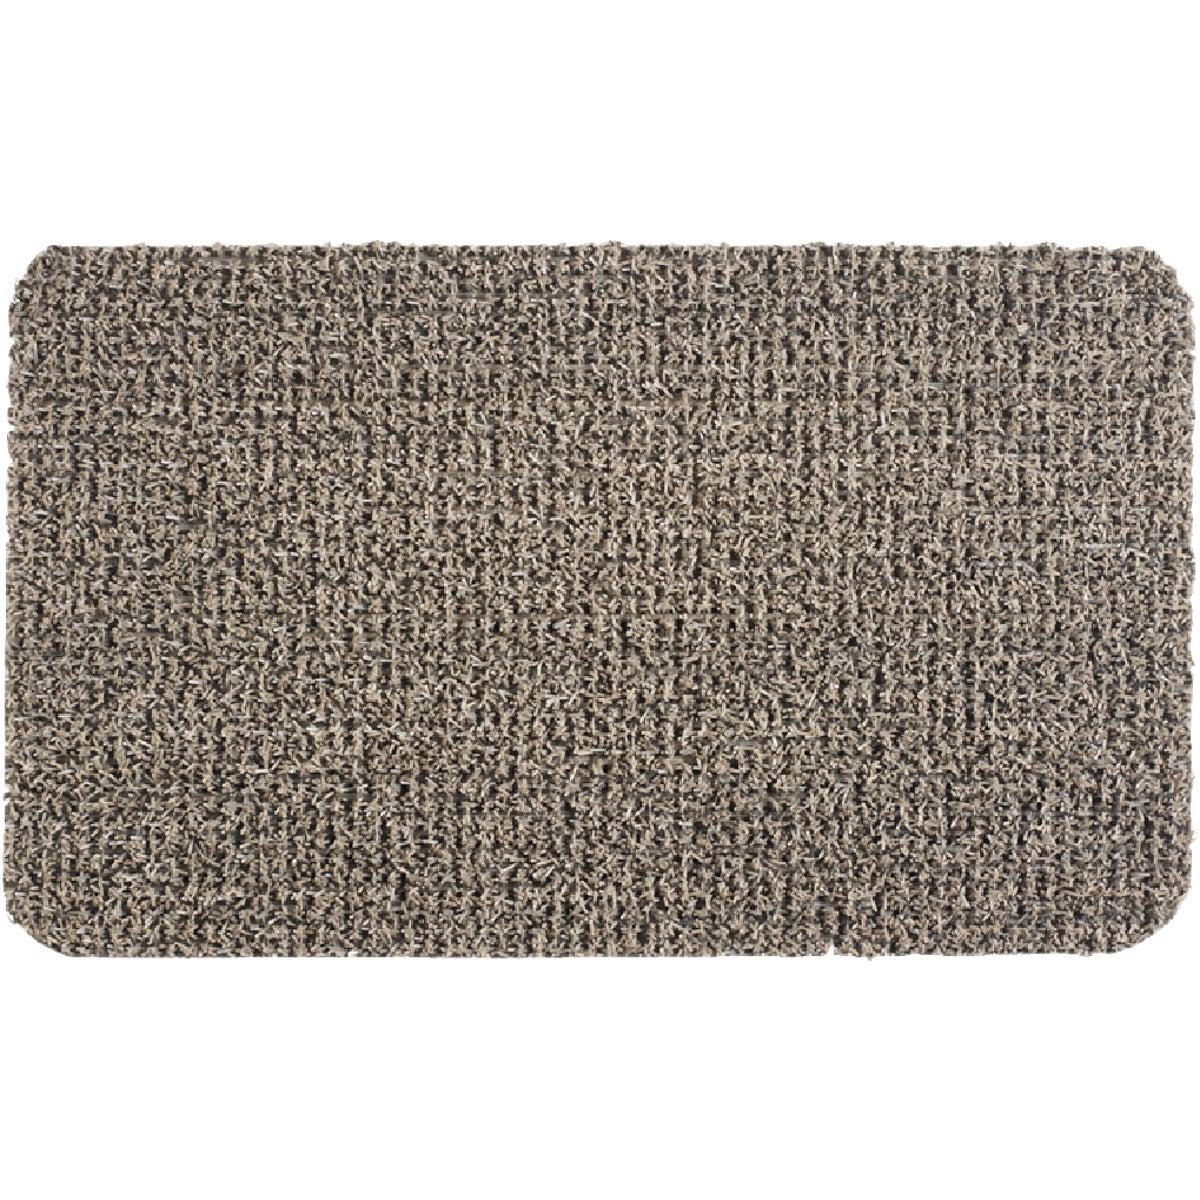 Grassworx 10253909 Clean Machine Plus Door Mat